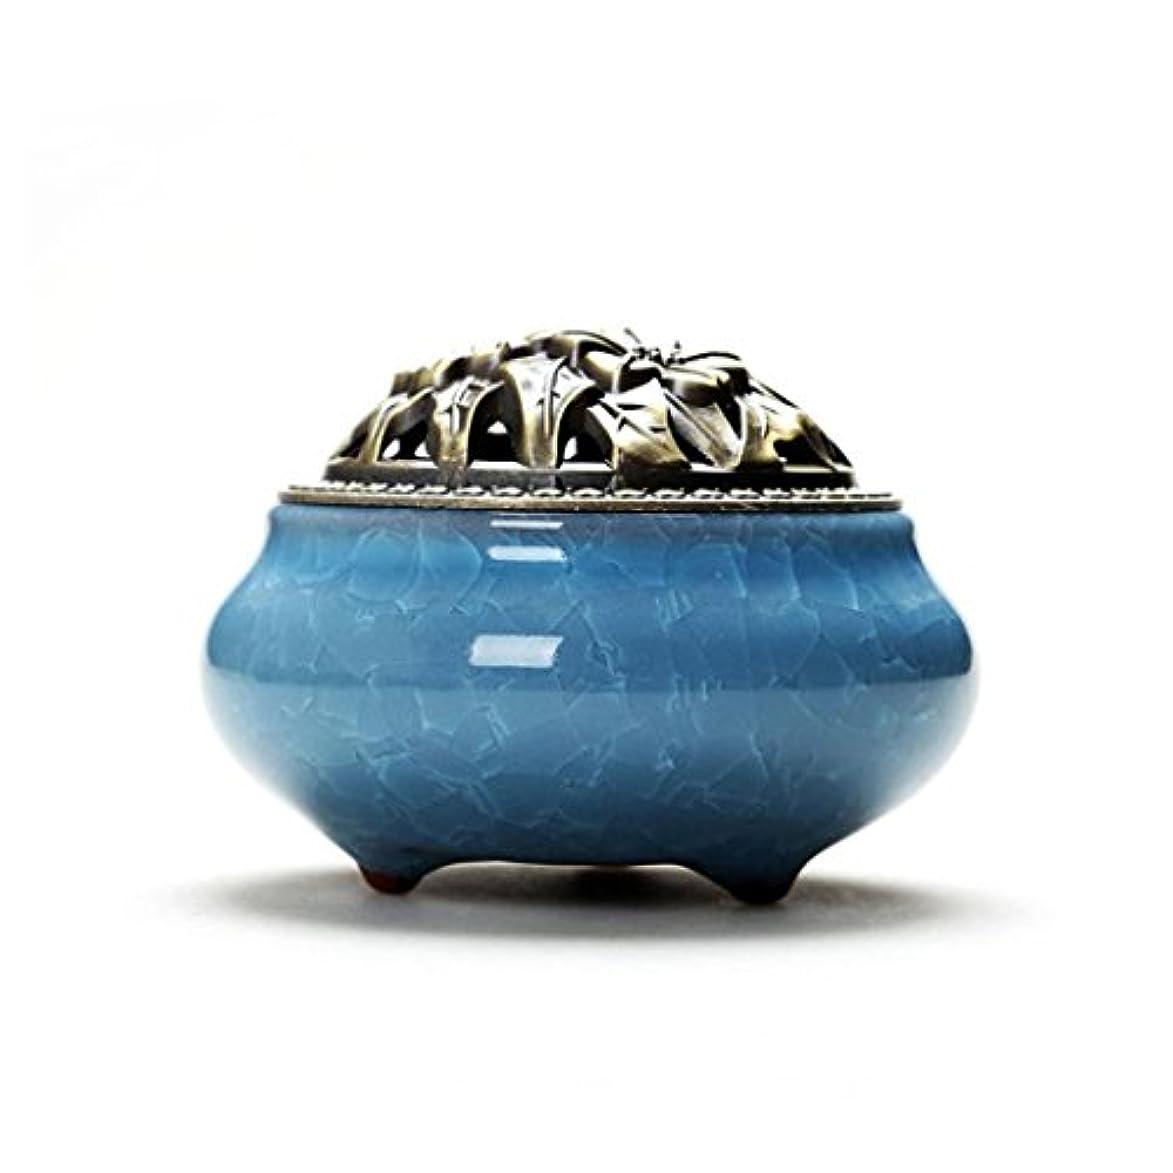 ヘビゴミ箱固体Aijoo 陶磁器 香炉 丸香炉 アロマ陶磁器 青磁 香立て付き アロマ アンティーク 渦巻き線香 アロマ などに 調選べる 9カラー